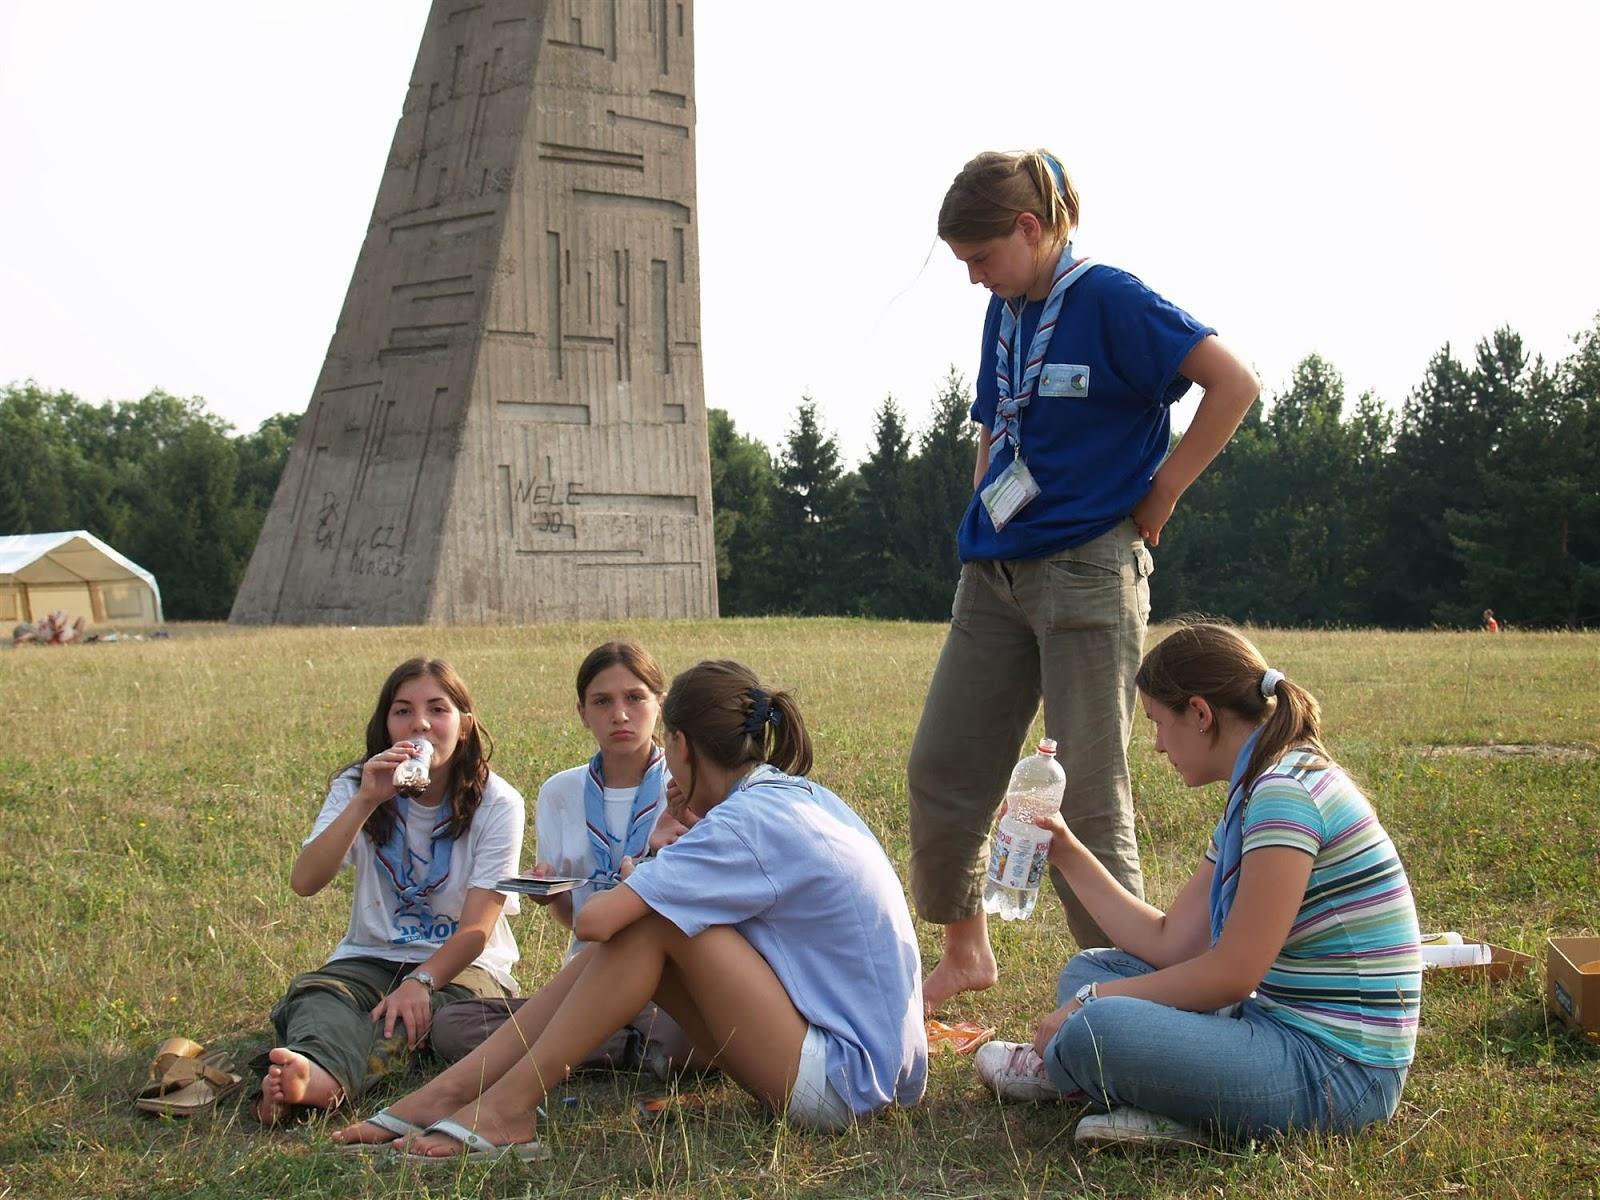 Smotra, Smotra 2006 - P0241691.JPG